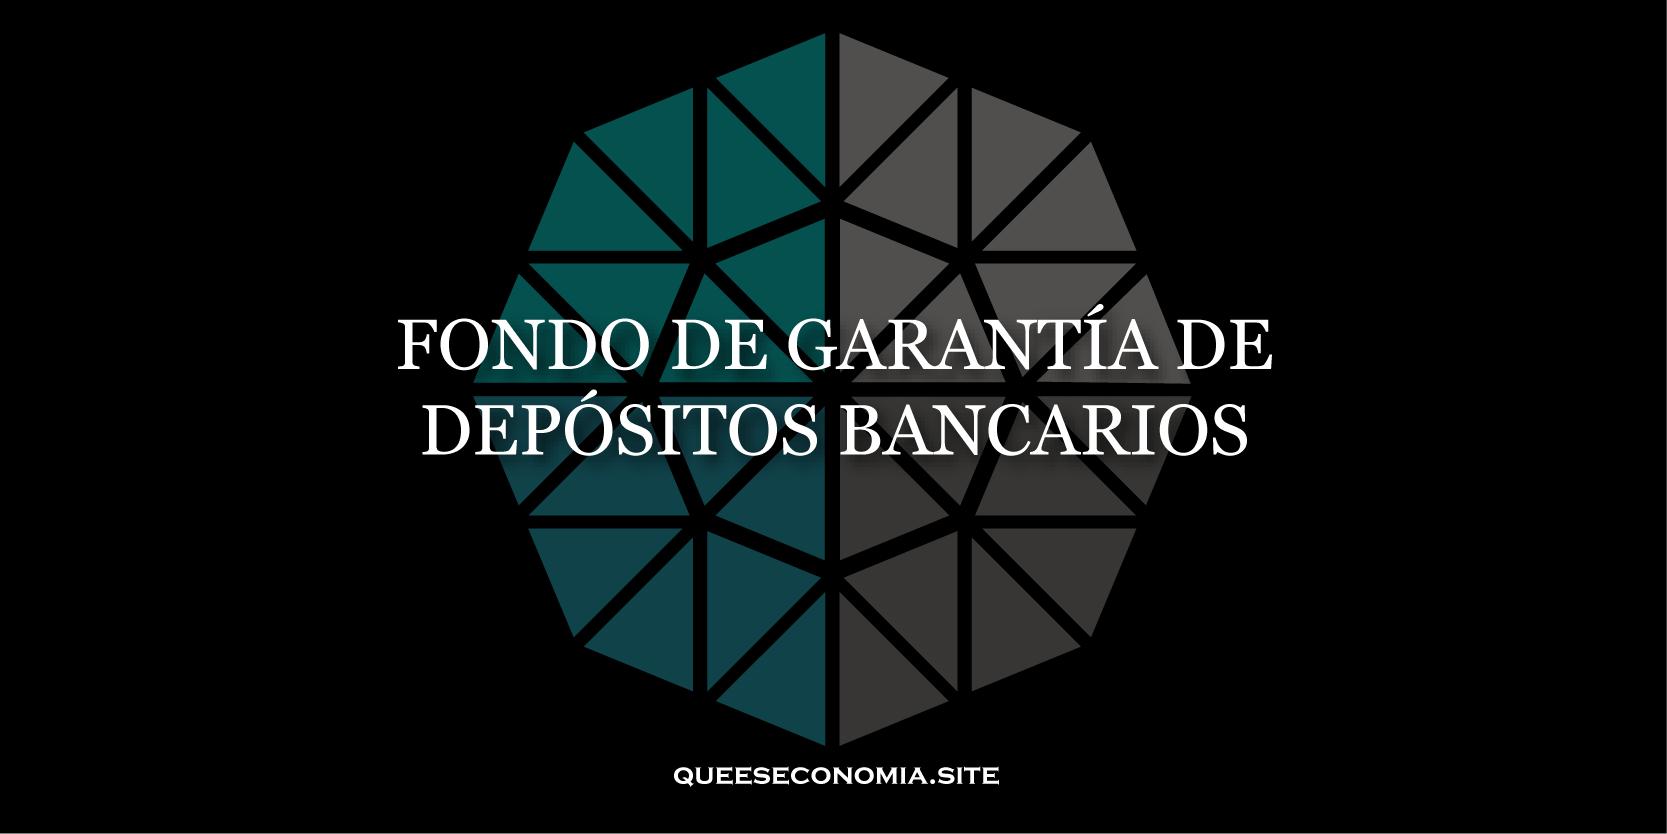 fondo de garantía de depósitos bancarios